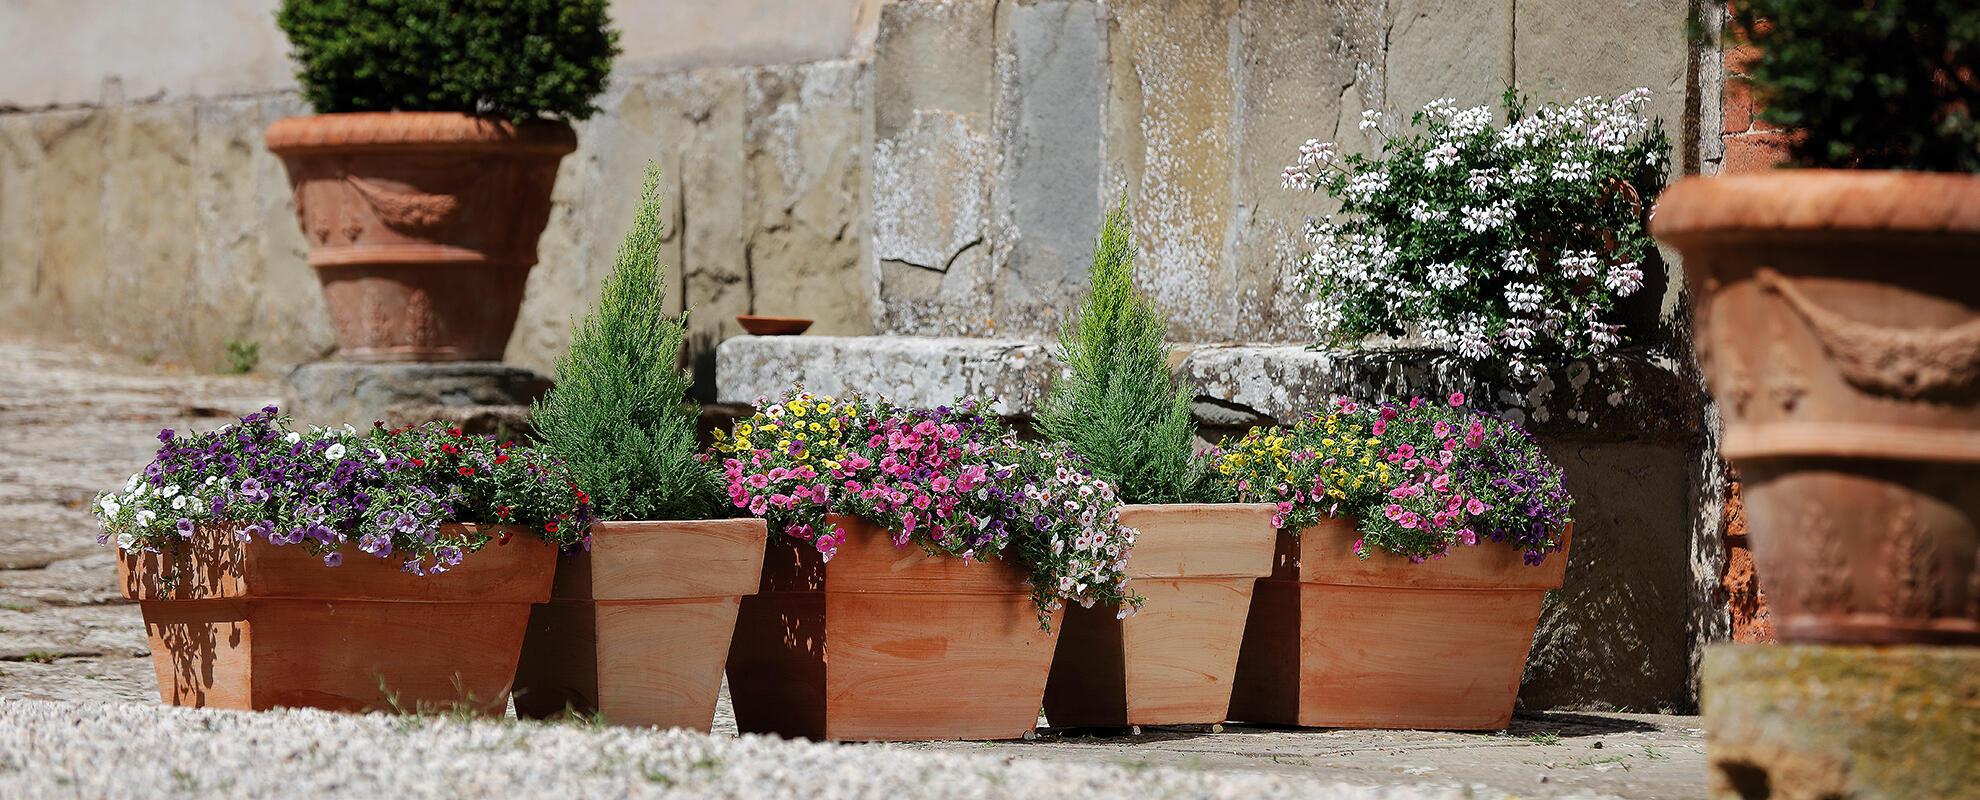 Virágcserepeink olyan természetesek, mint bennük a növények.